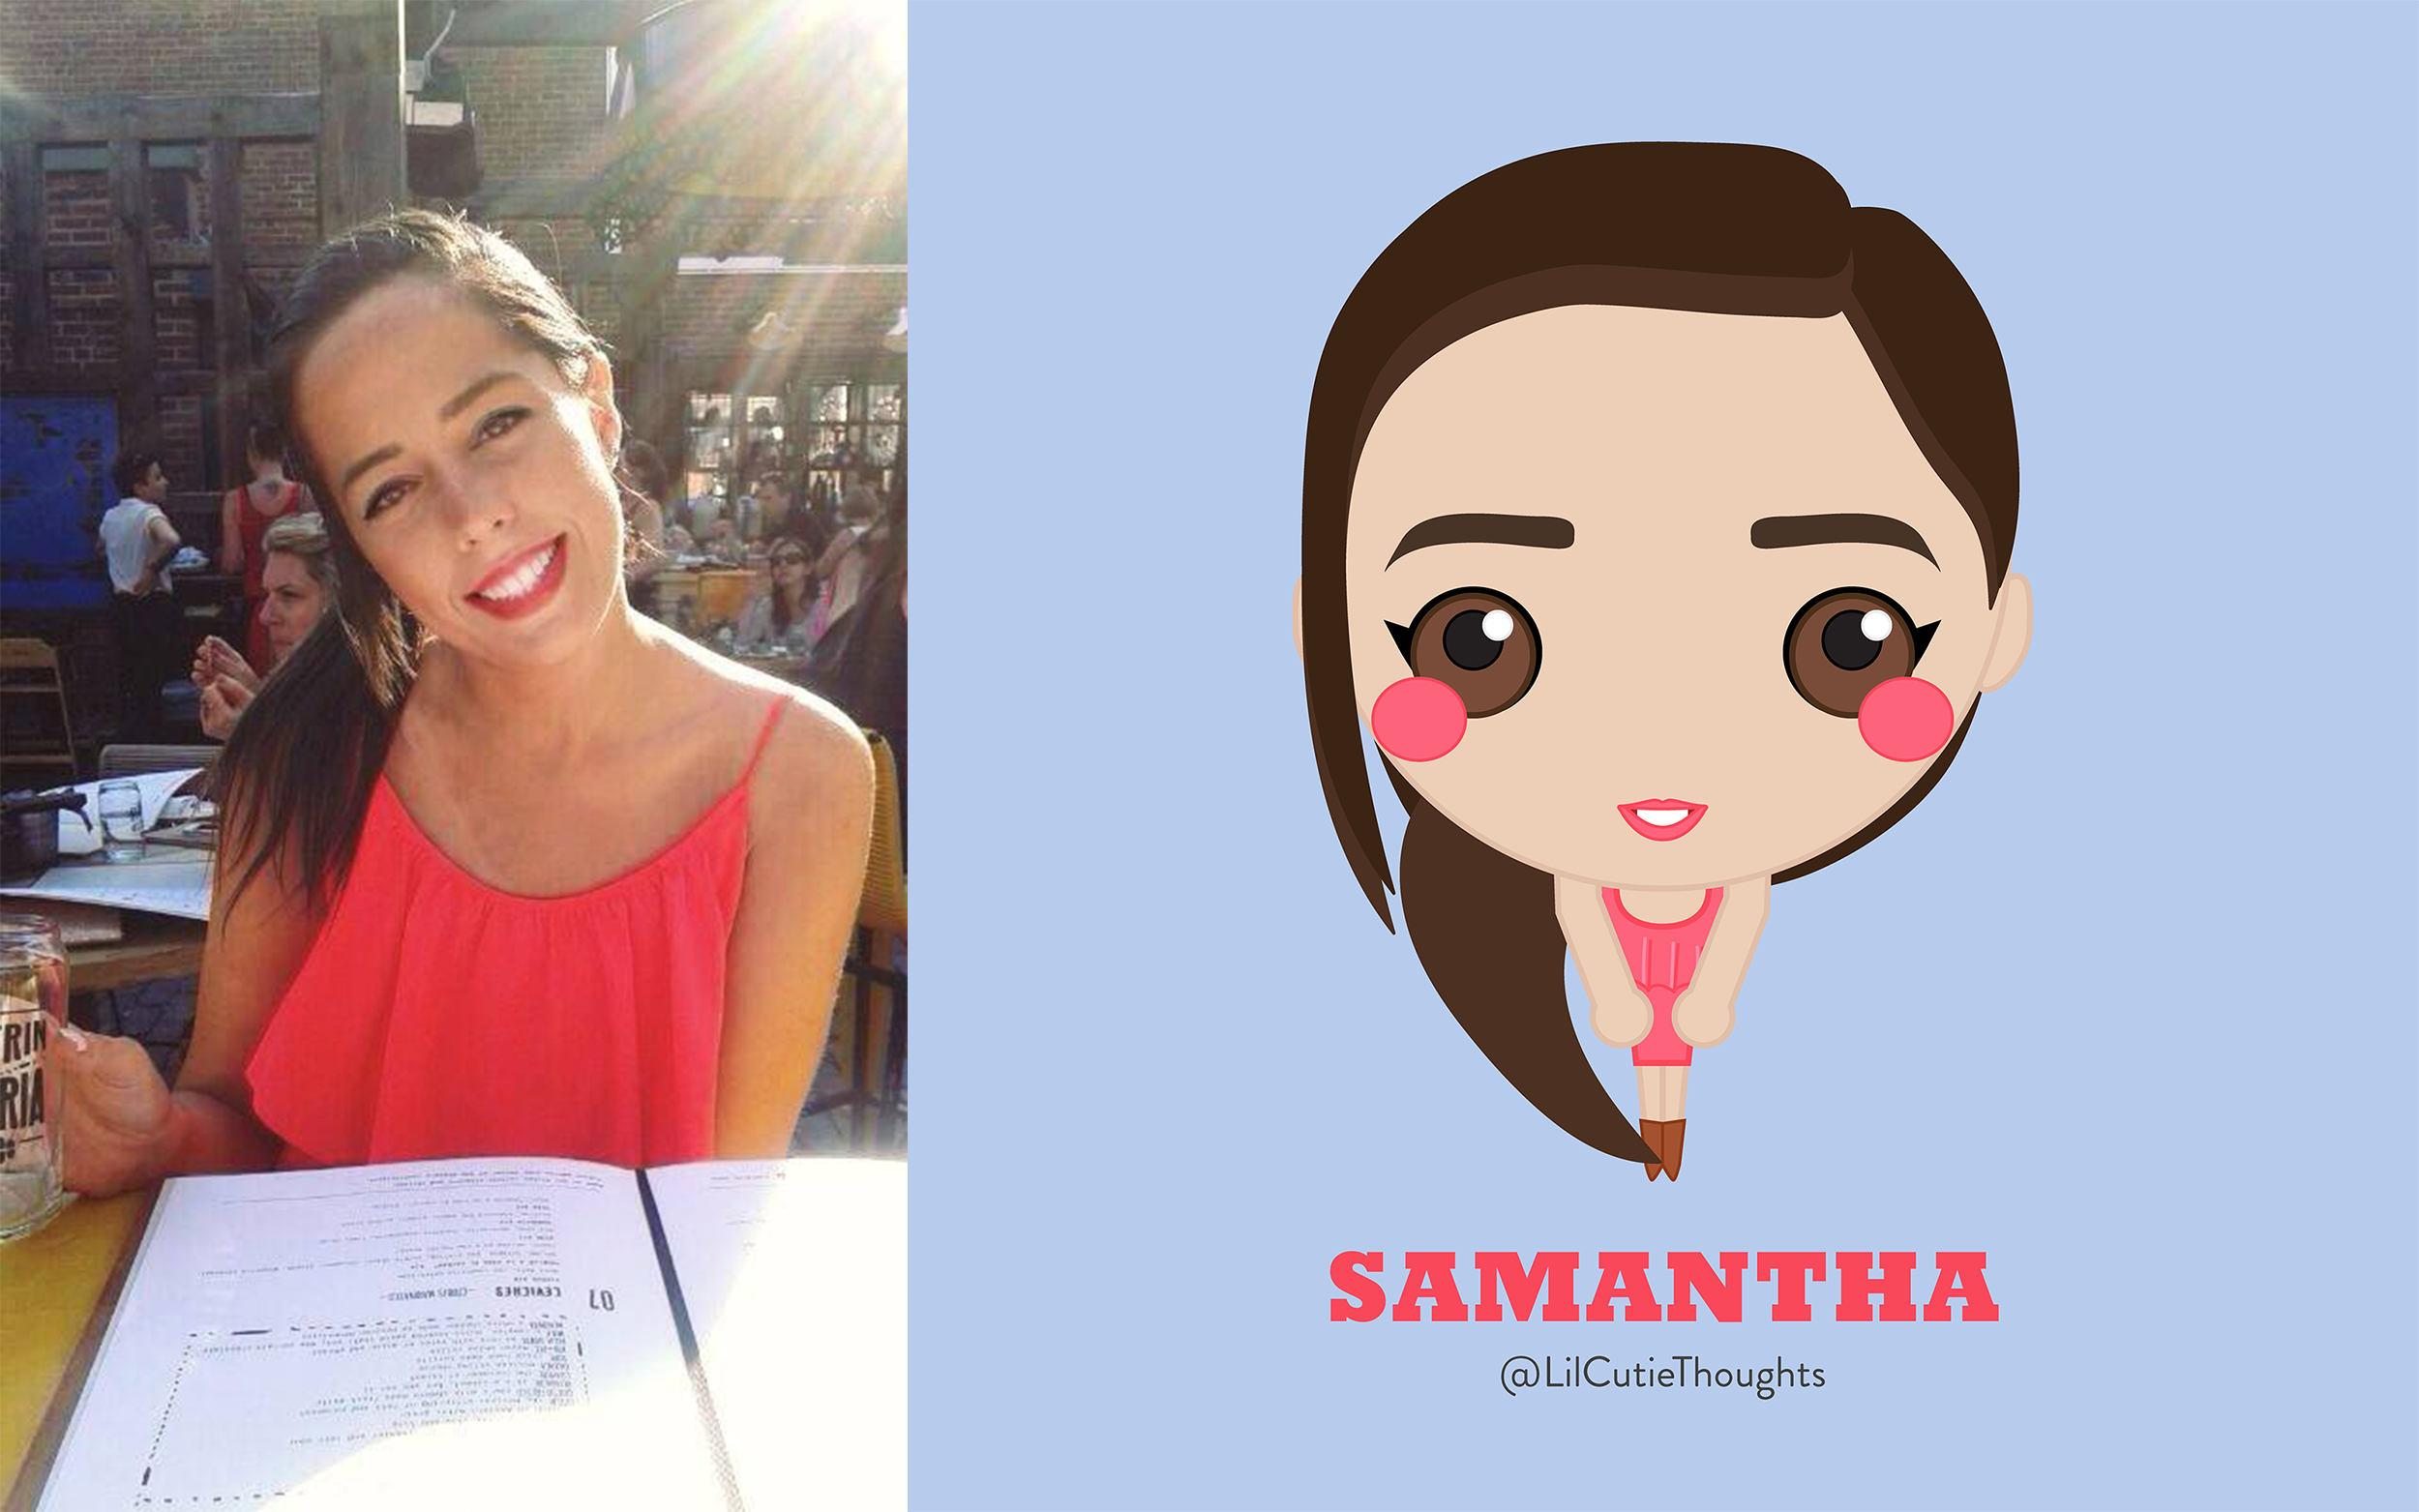 LCT_Samantha-01_Post2.png